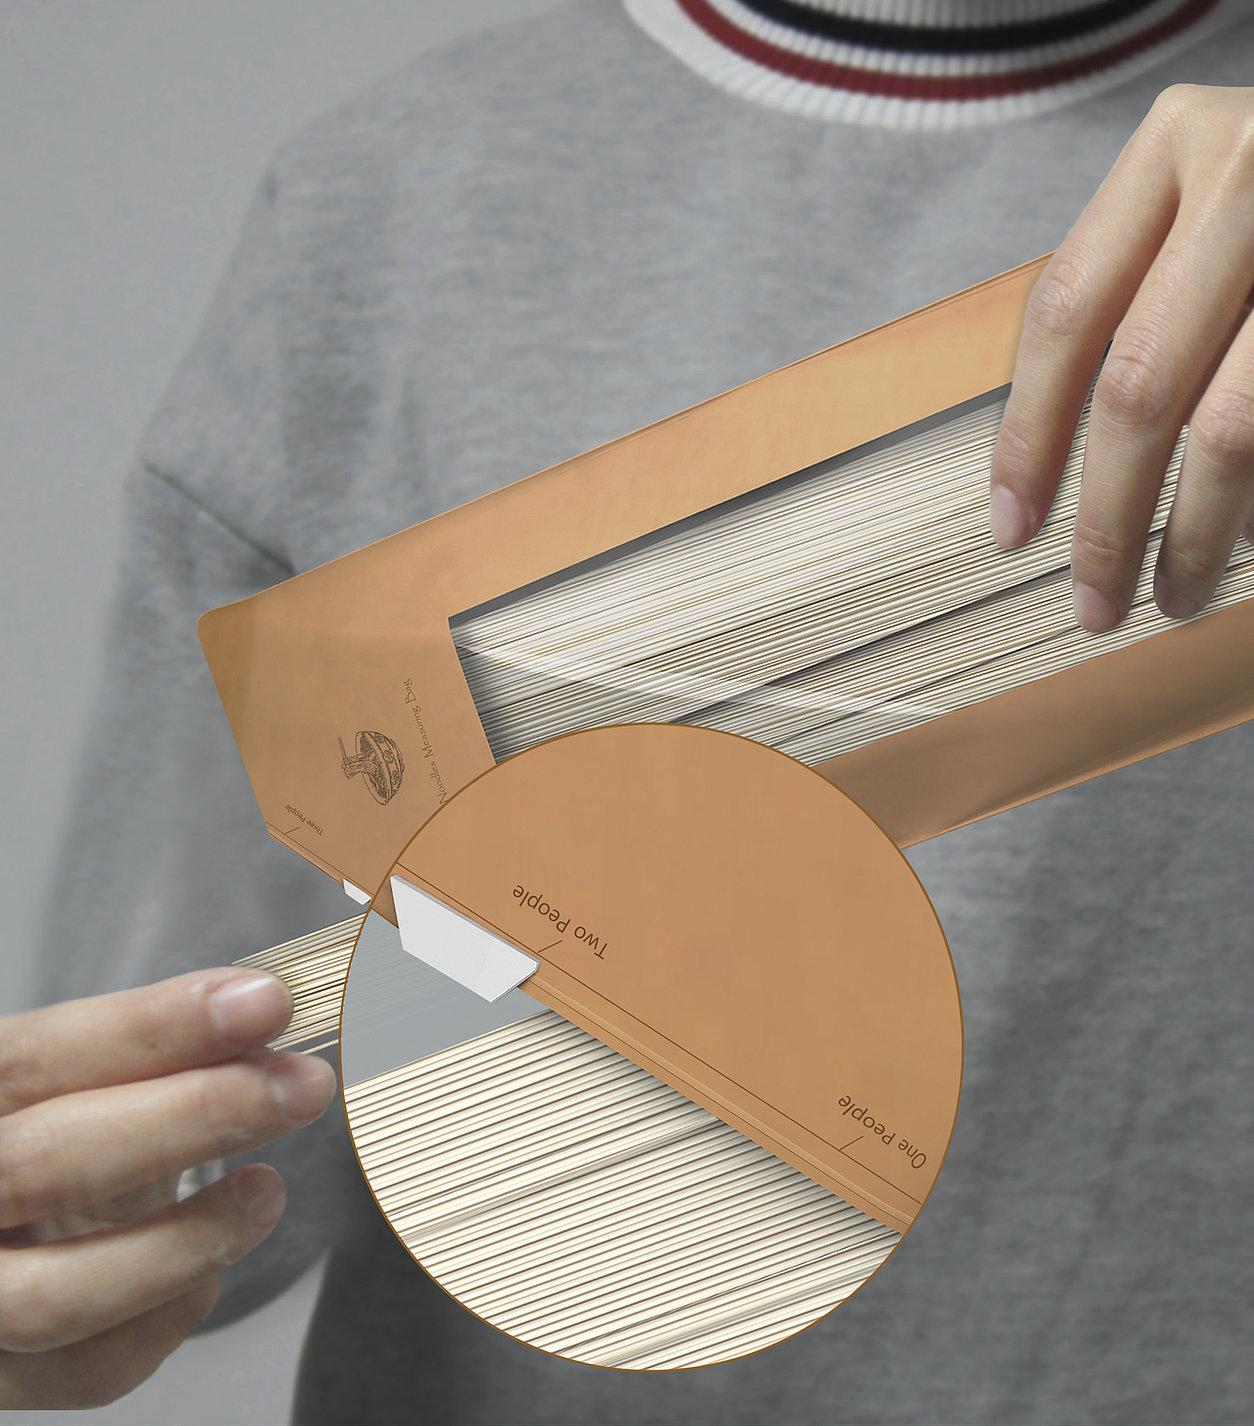 Measuring Noodles Bag | Red Dot Design Award